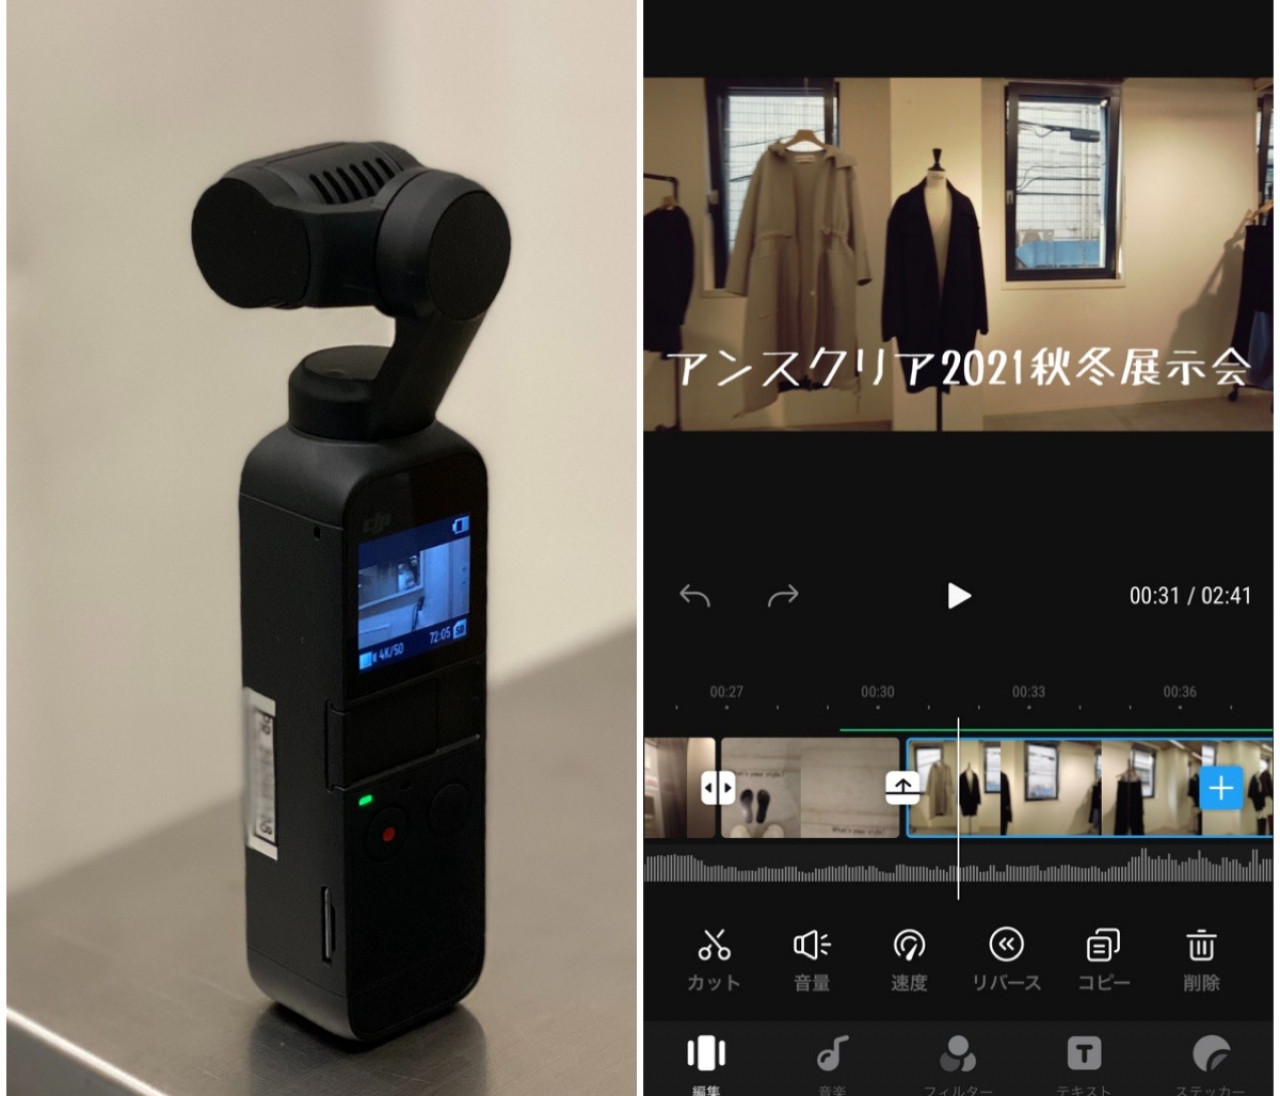 【超人気「DJI Pocket 2」使ってみた】動画ド素人がジンバルつき小型4KカメラでVlog制作に初挑戦!